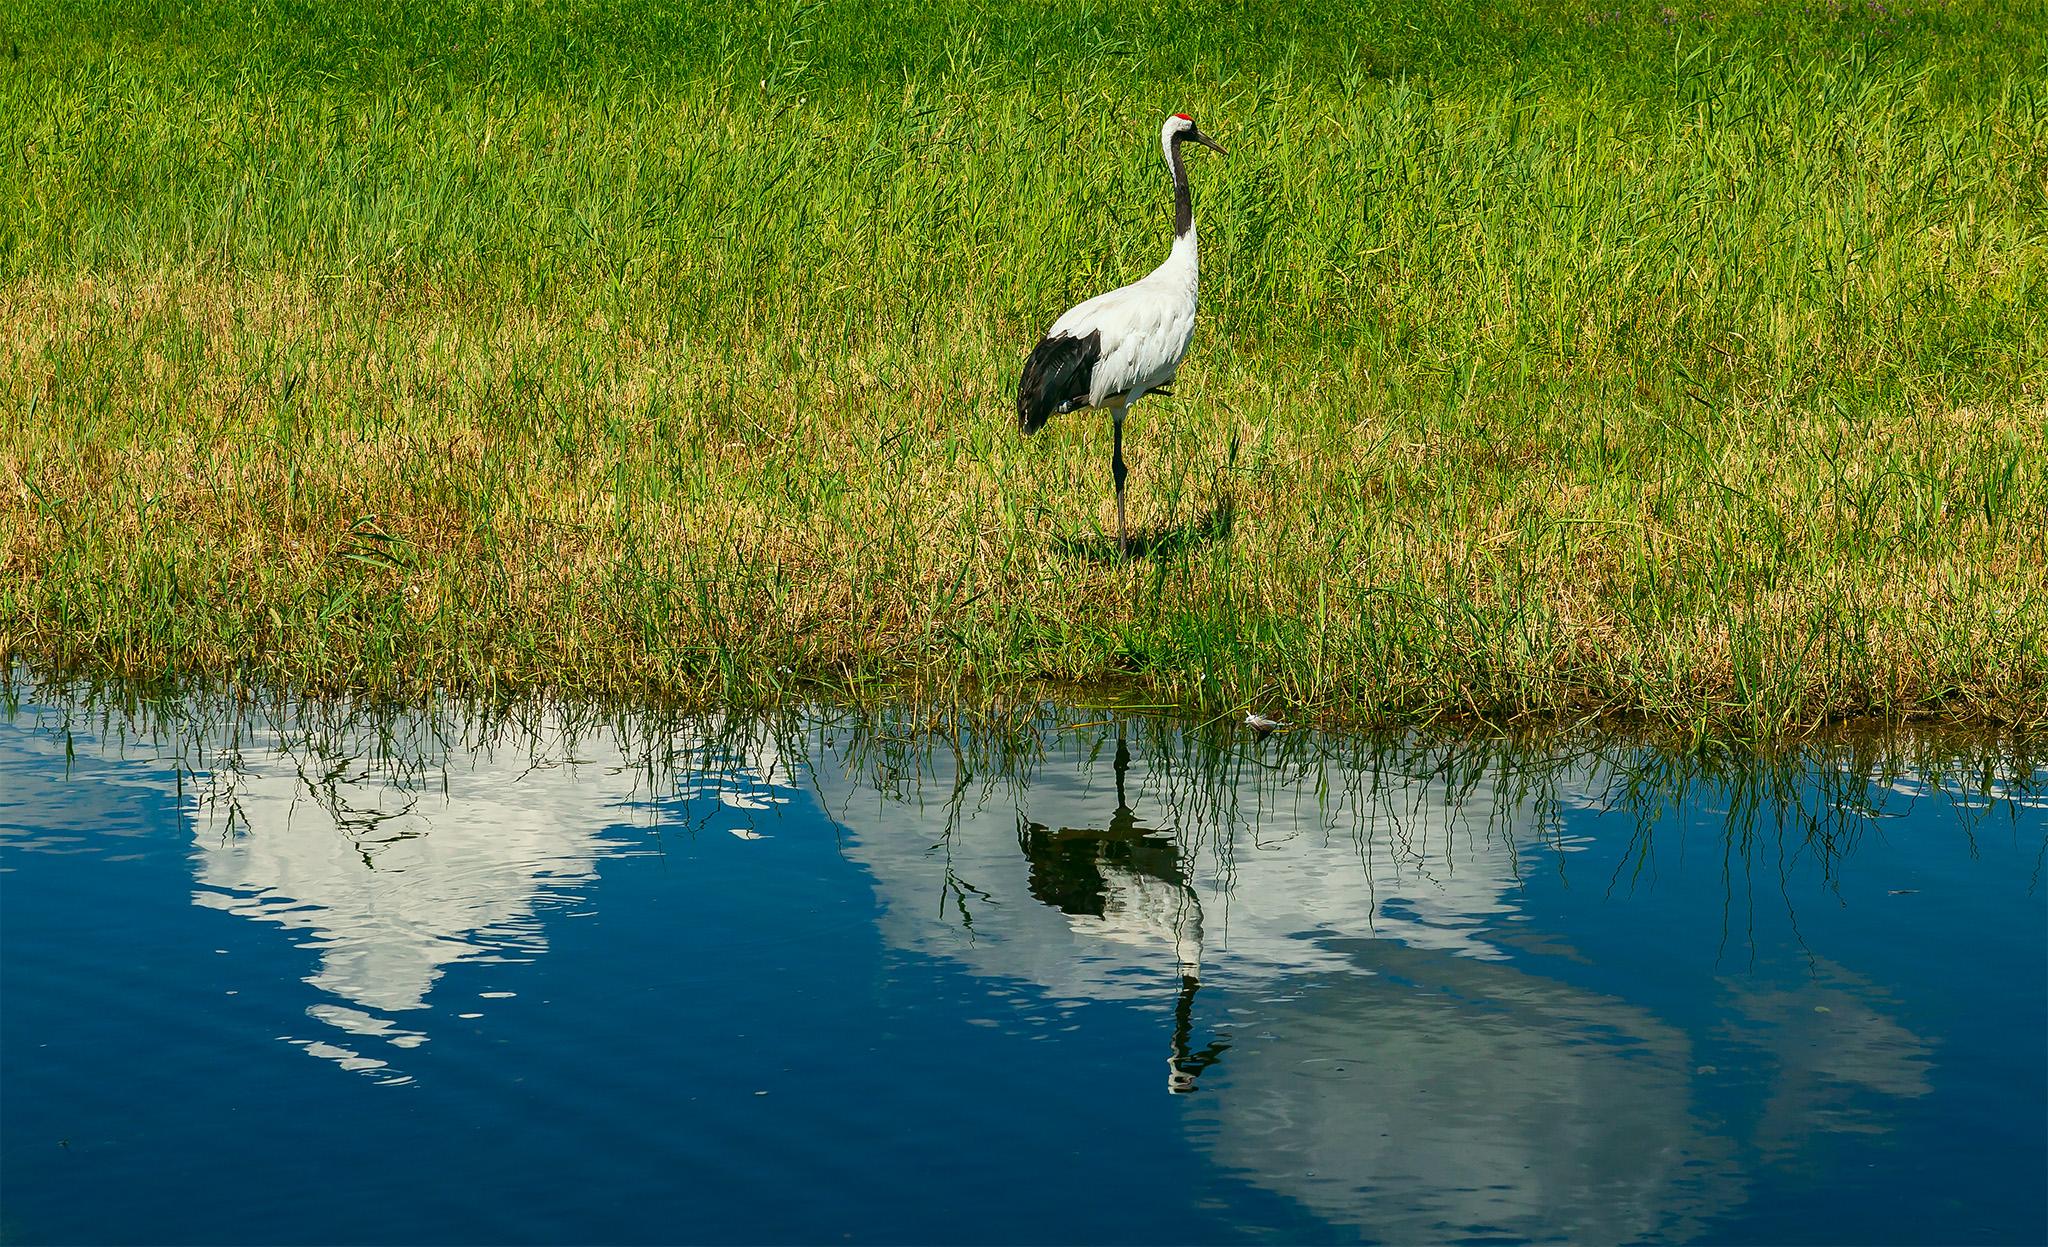 扎龙湿地,有丹顶鹤陪伴的夏天